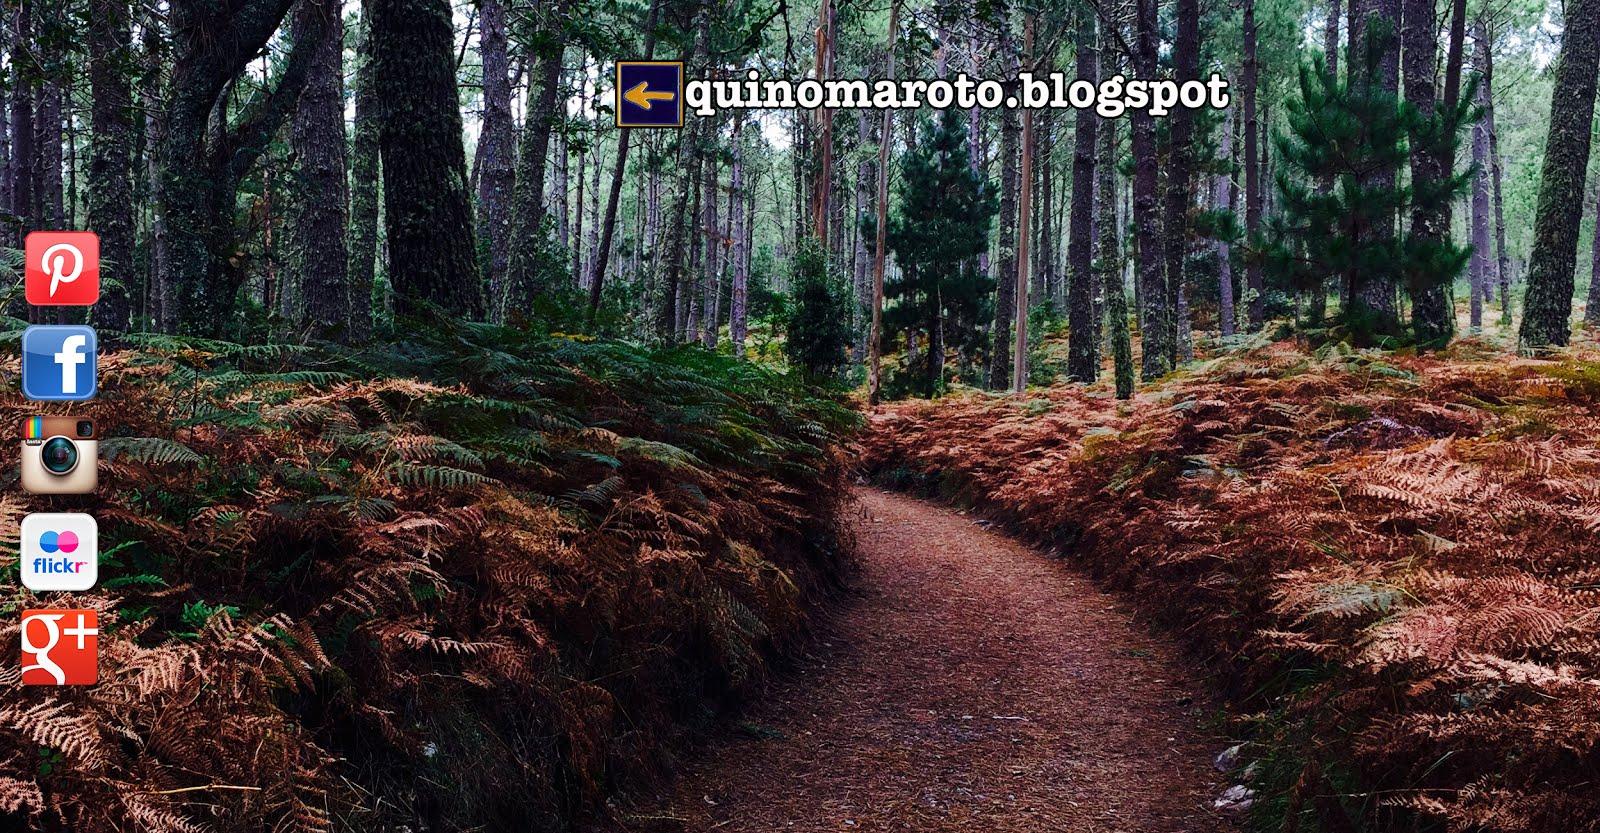 Quino Maroto